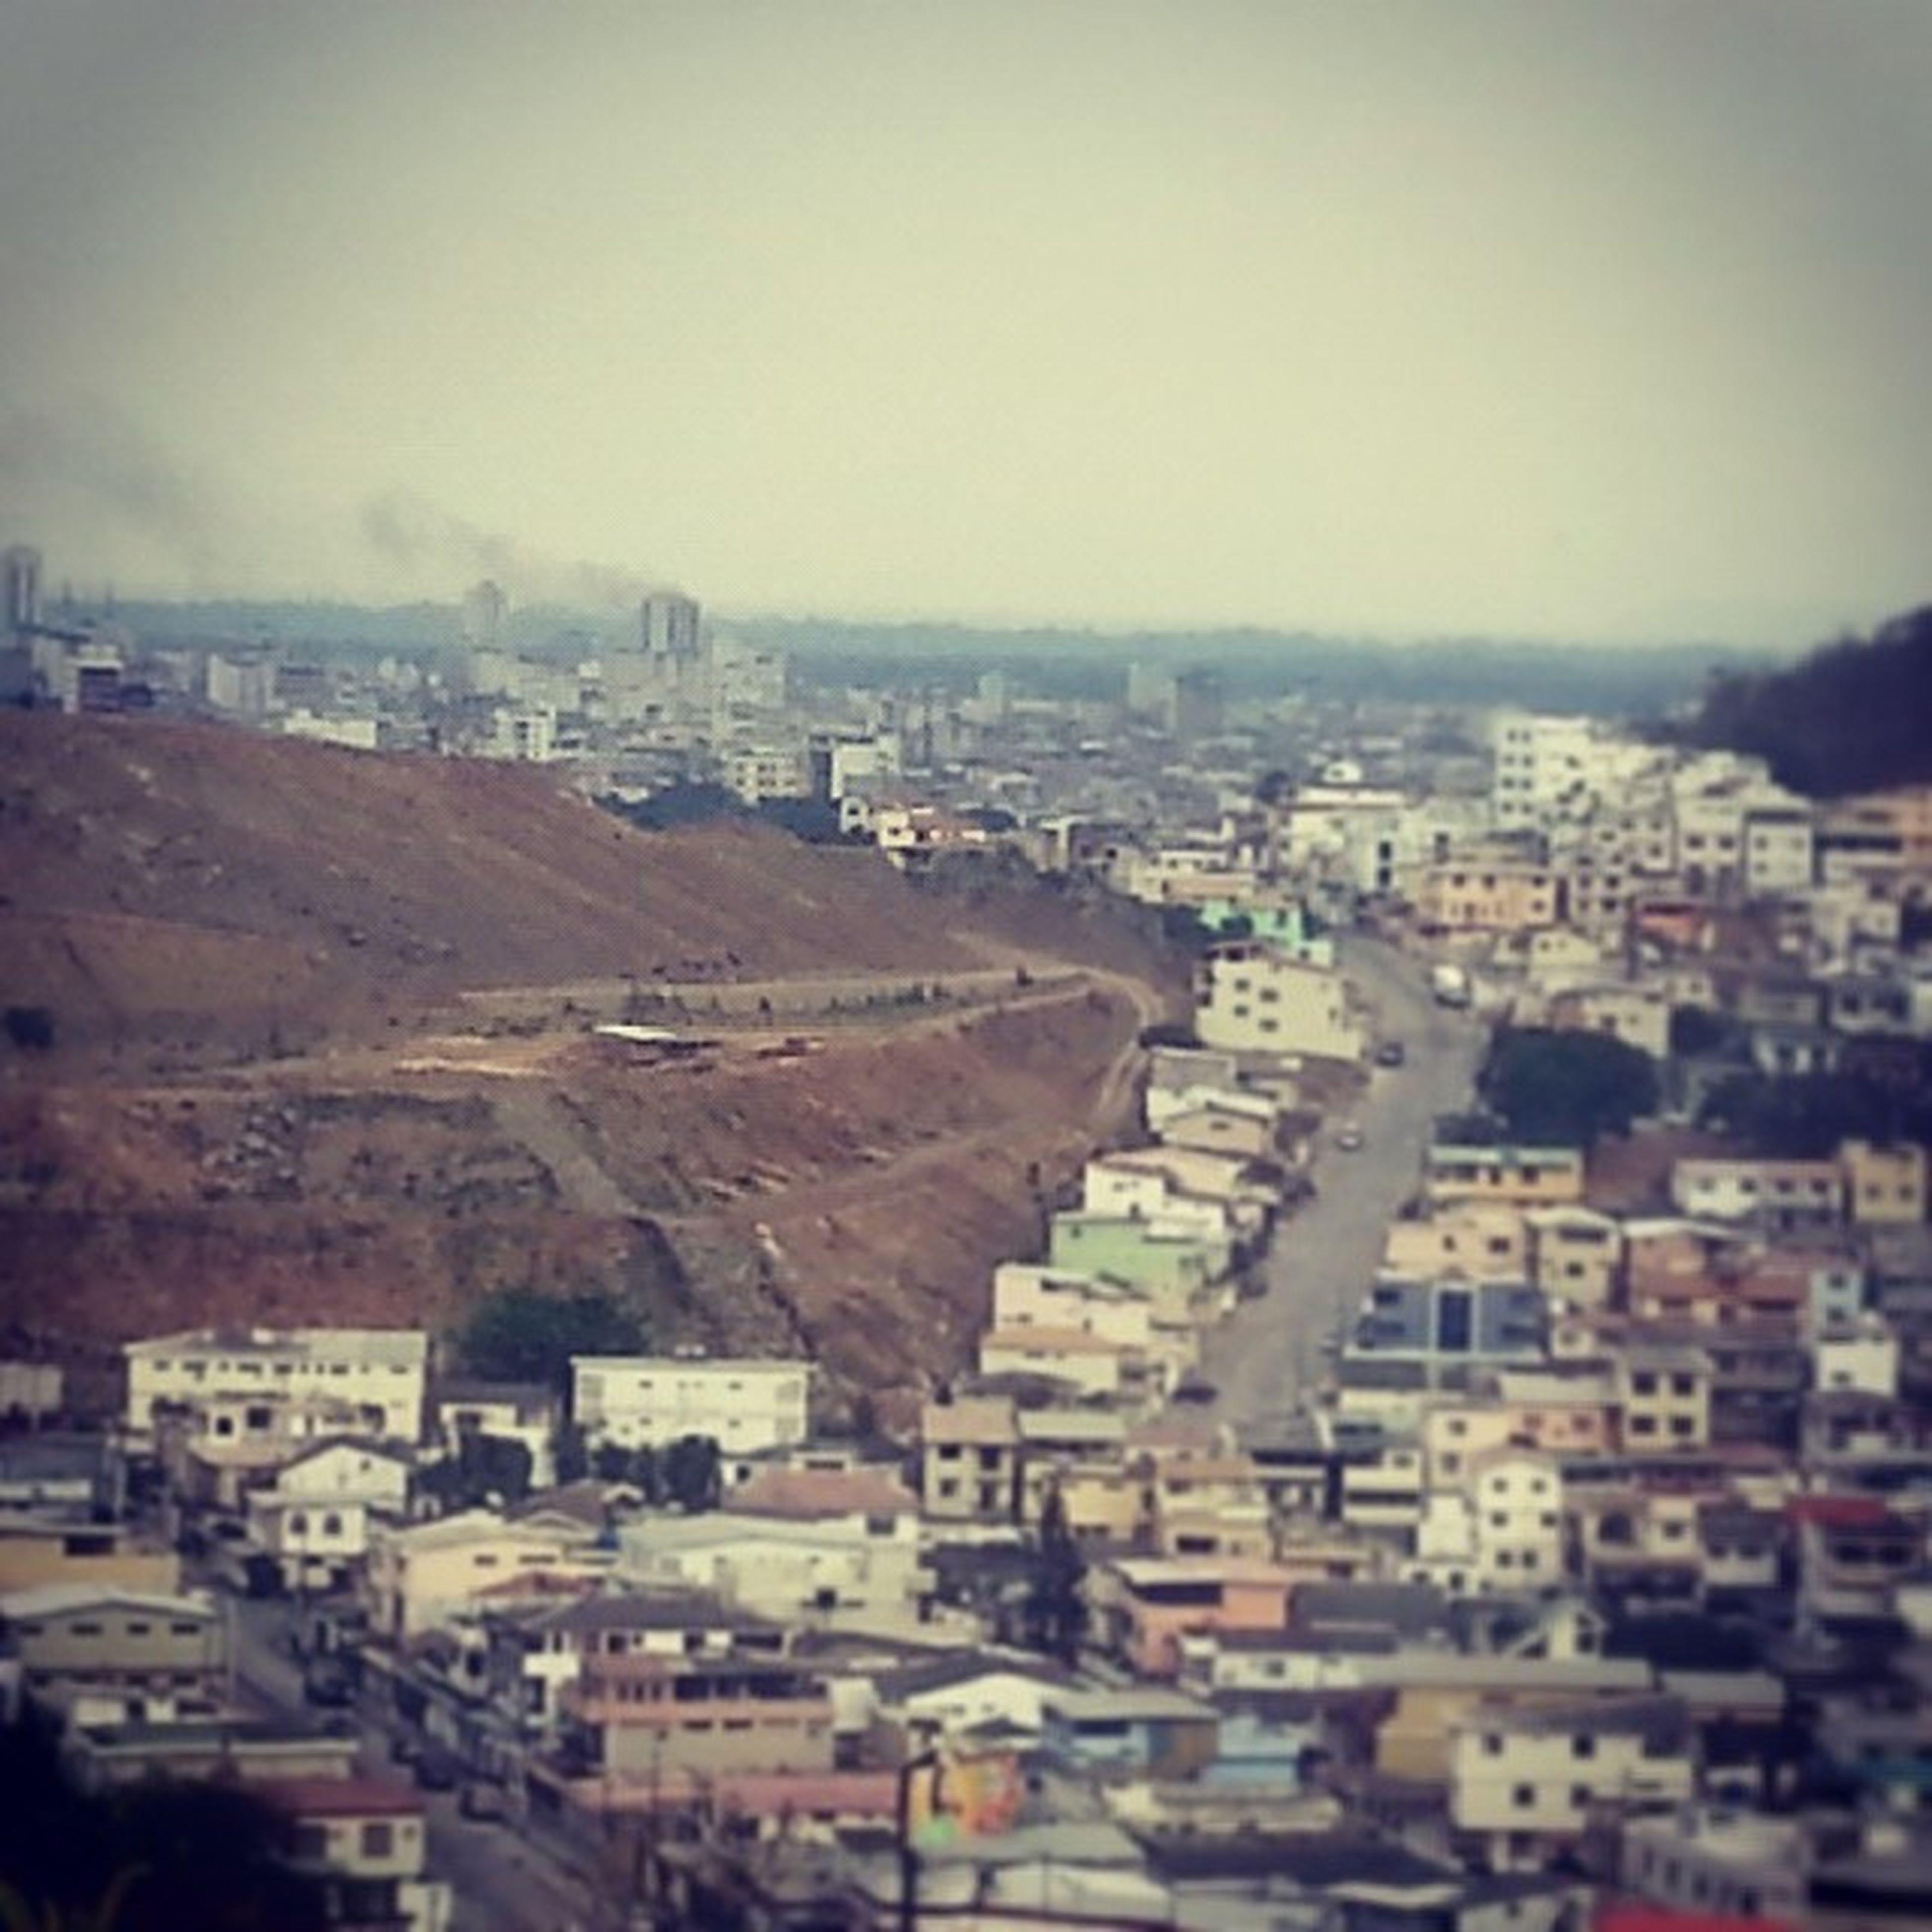 En el fondo se ve el edificio q se incendio hoy en Guayaquil Fotosinquererqueriendo